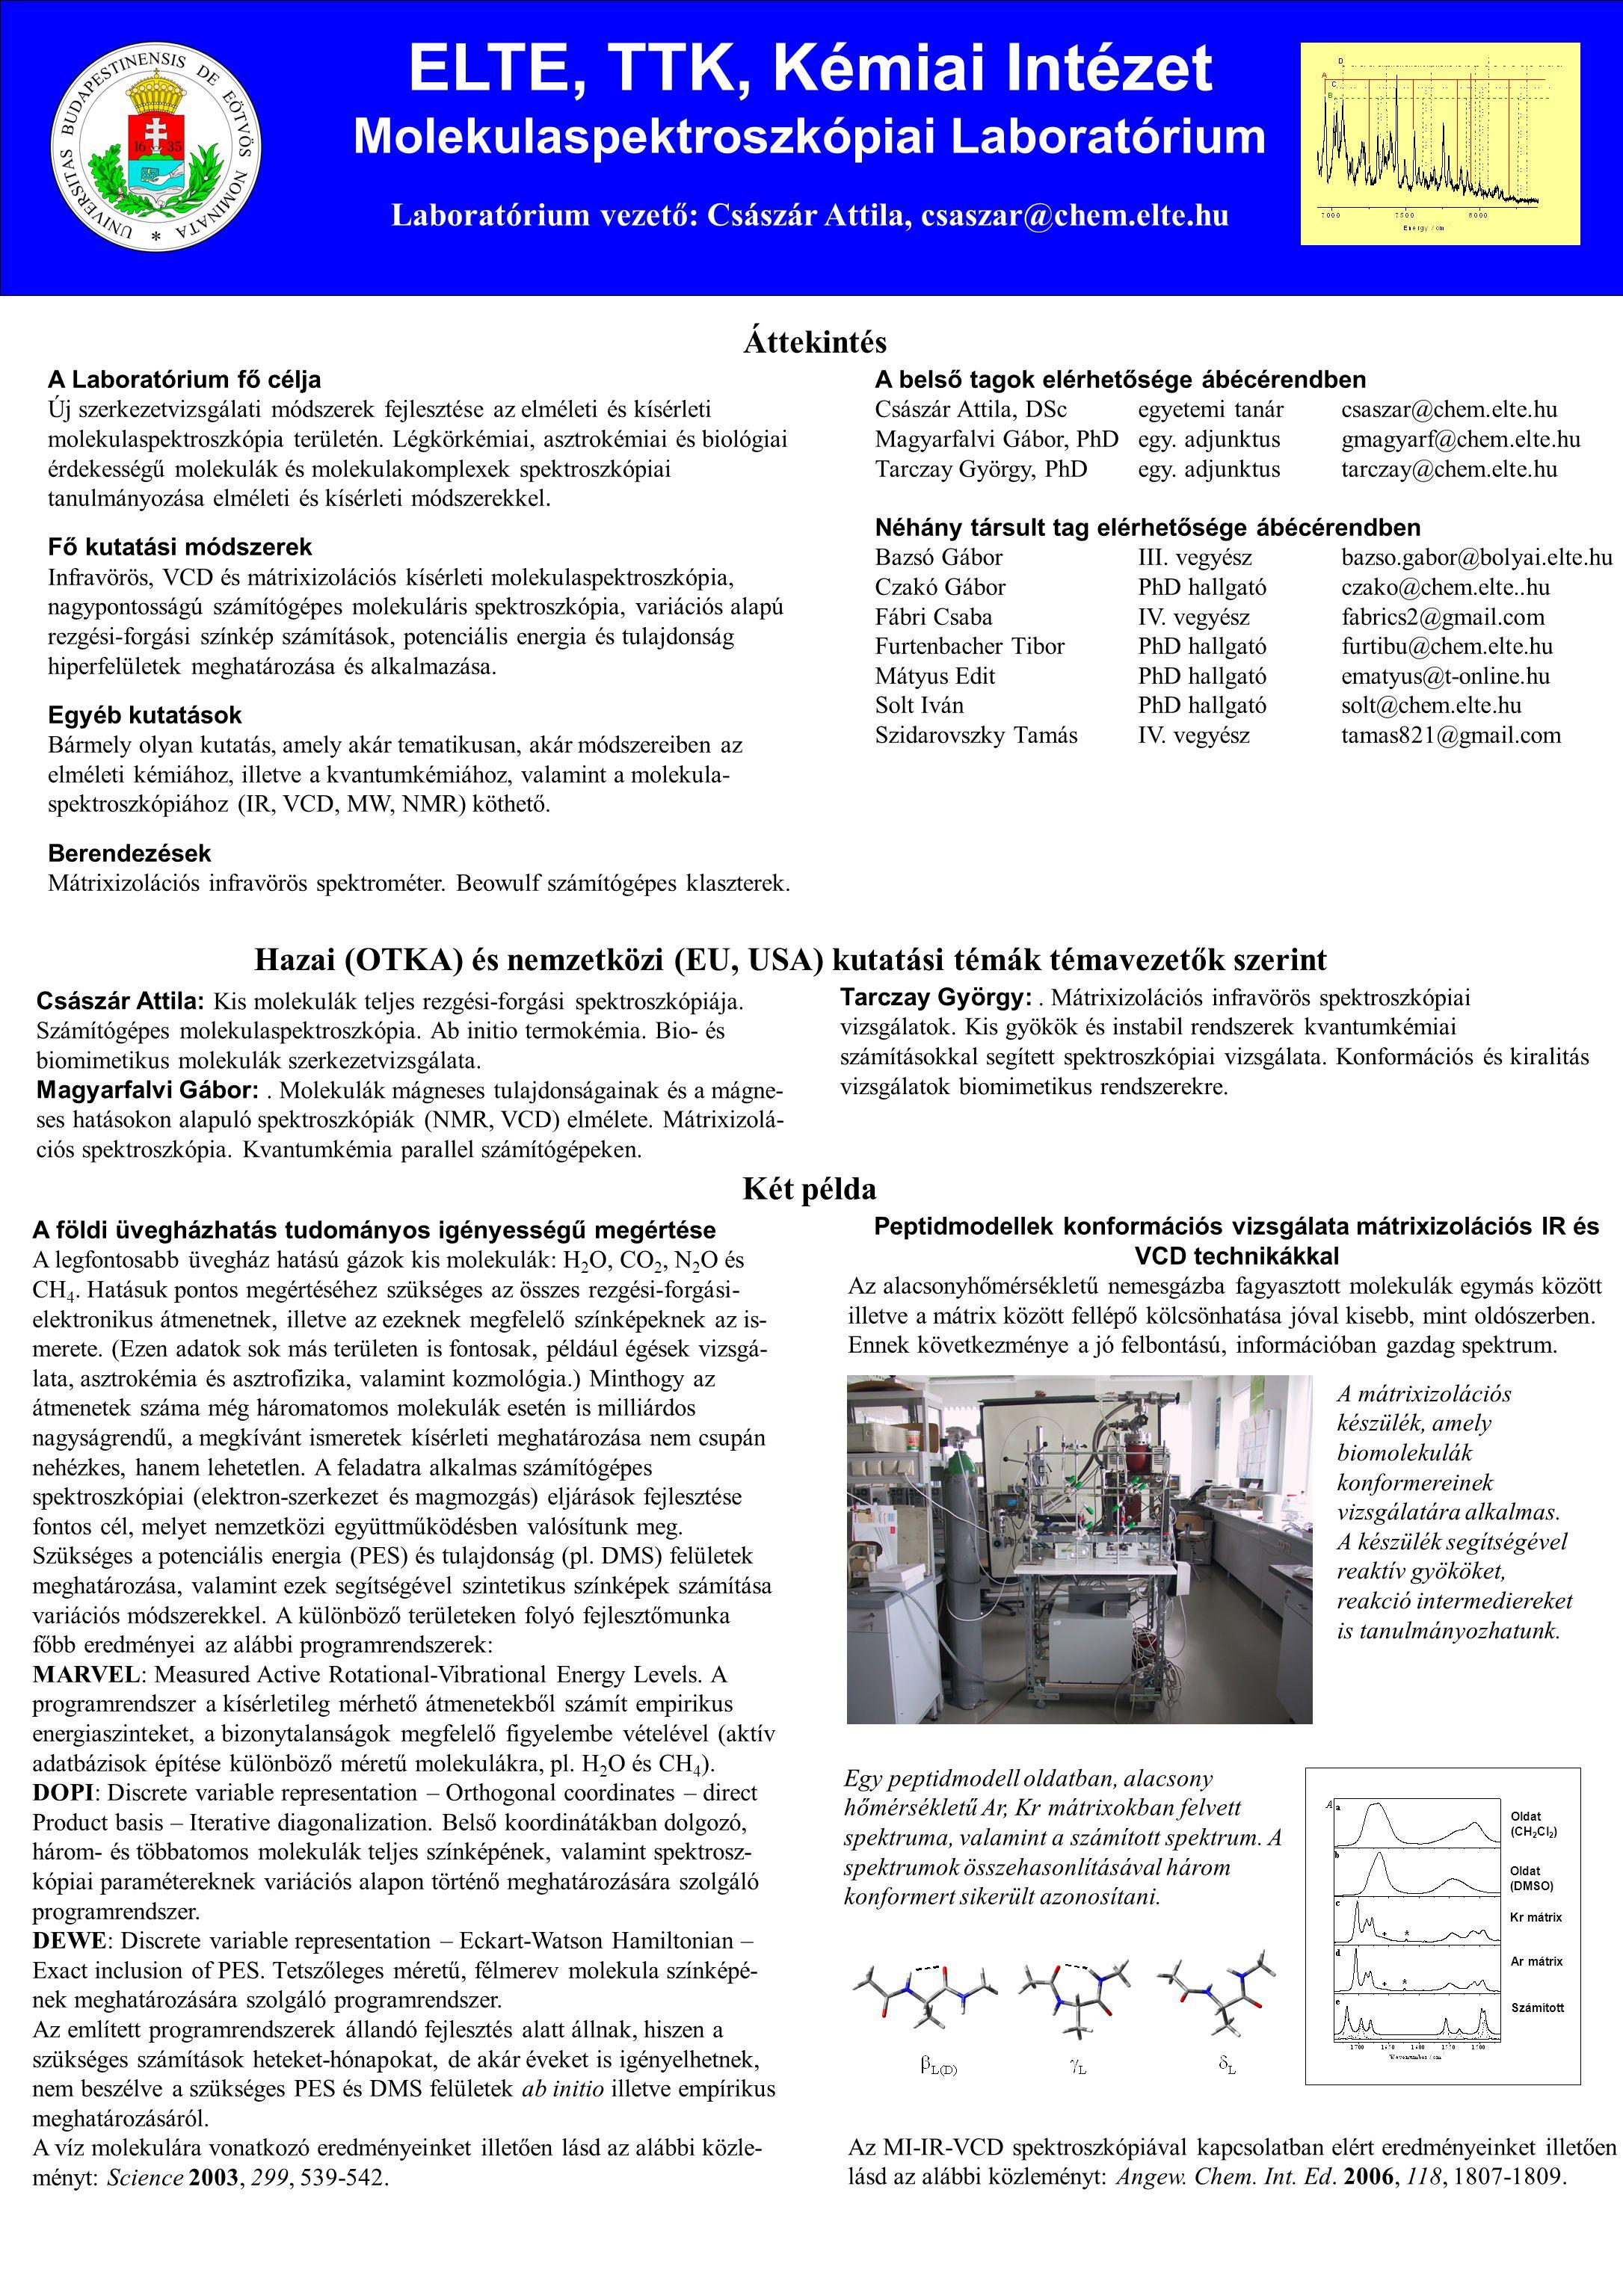 ELTE, TTK, Kémiai Intézet Molekulaspektroszkópiai Laboratórium Laboratórium vezető: Császár Attila, csaszar@chem.elte.hu A Laboratórium fő célja Új szerkezetvizsgálati módszerek fejlesztése az elméleti és kísérleti molekulaspektroszkópia területén.